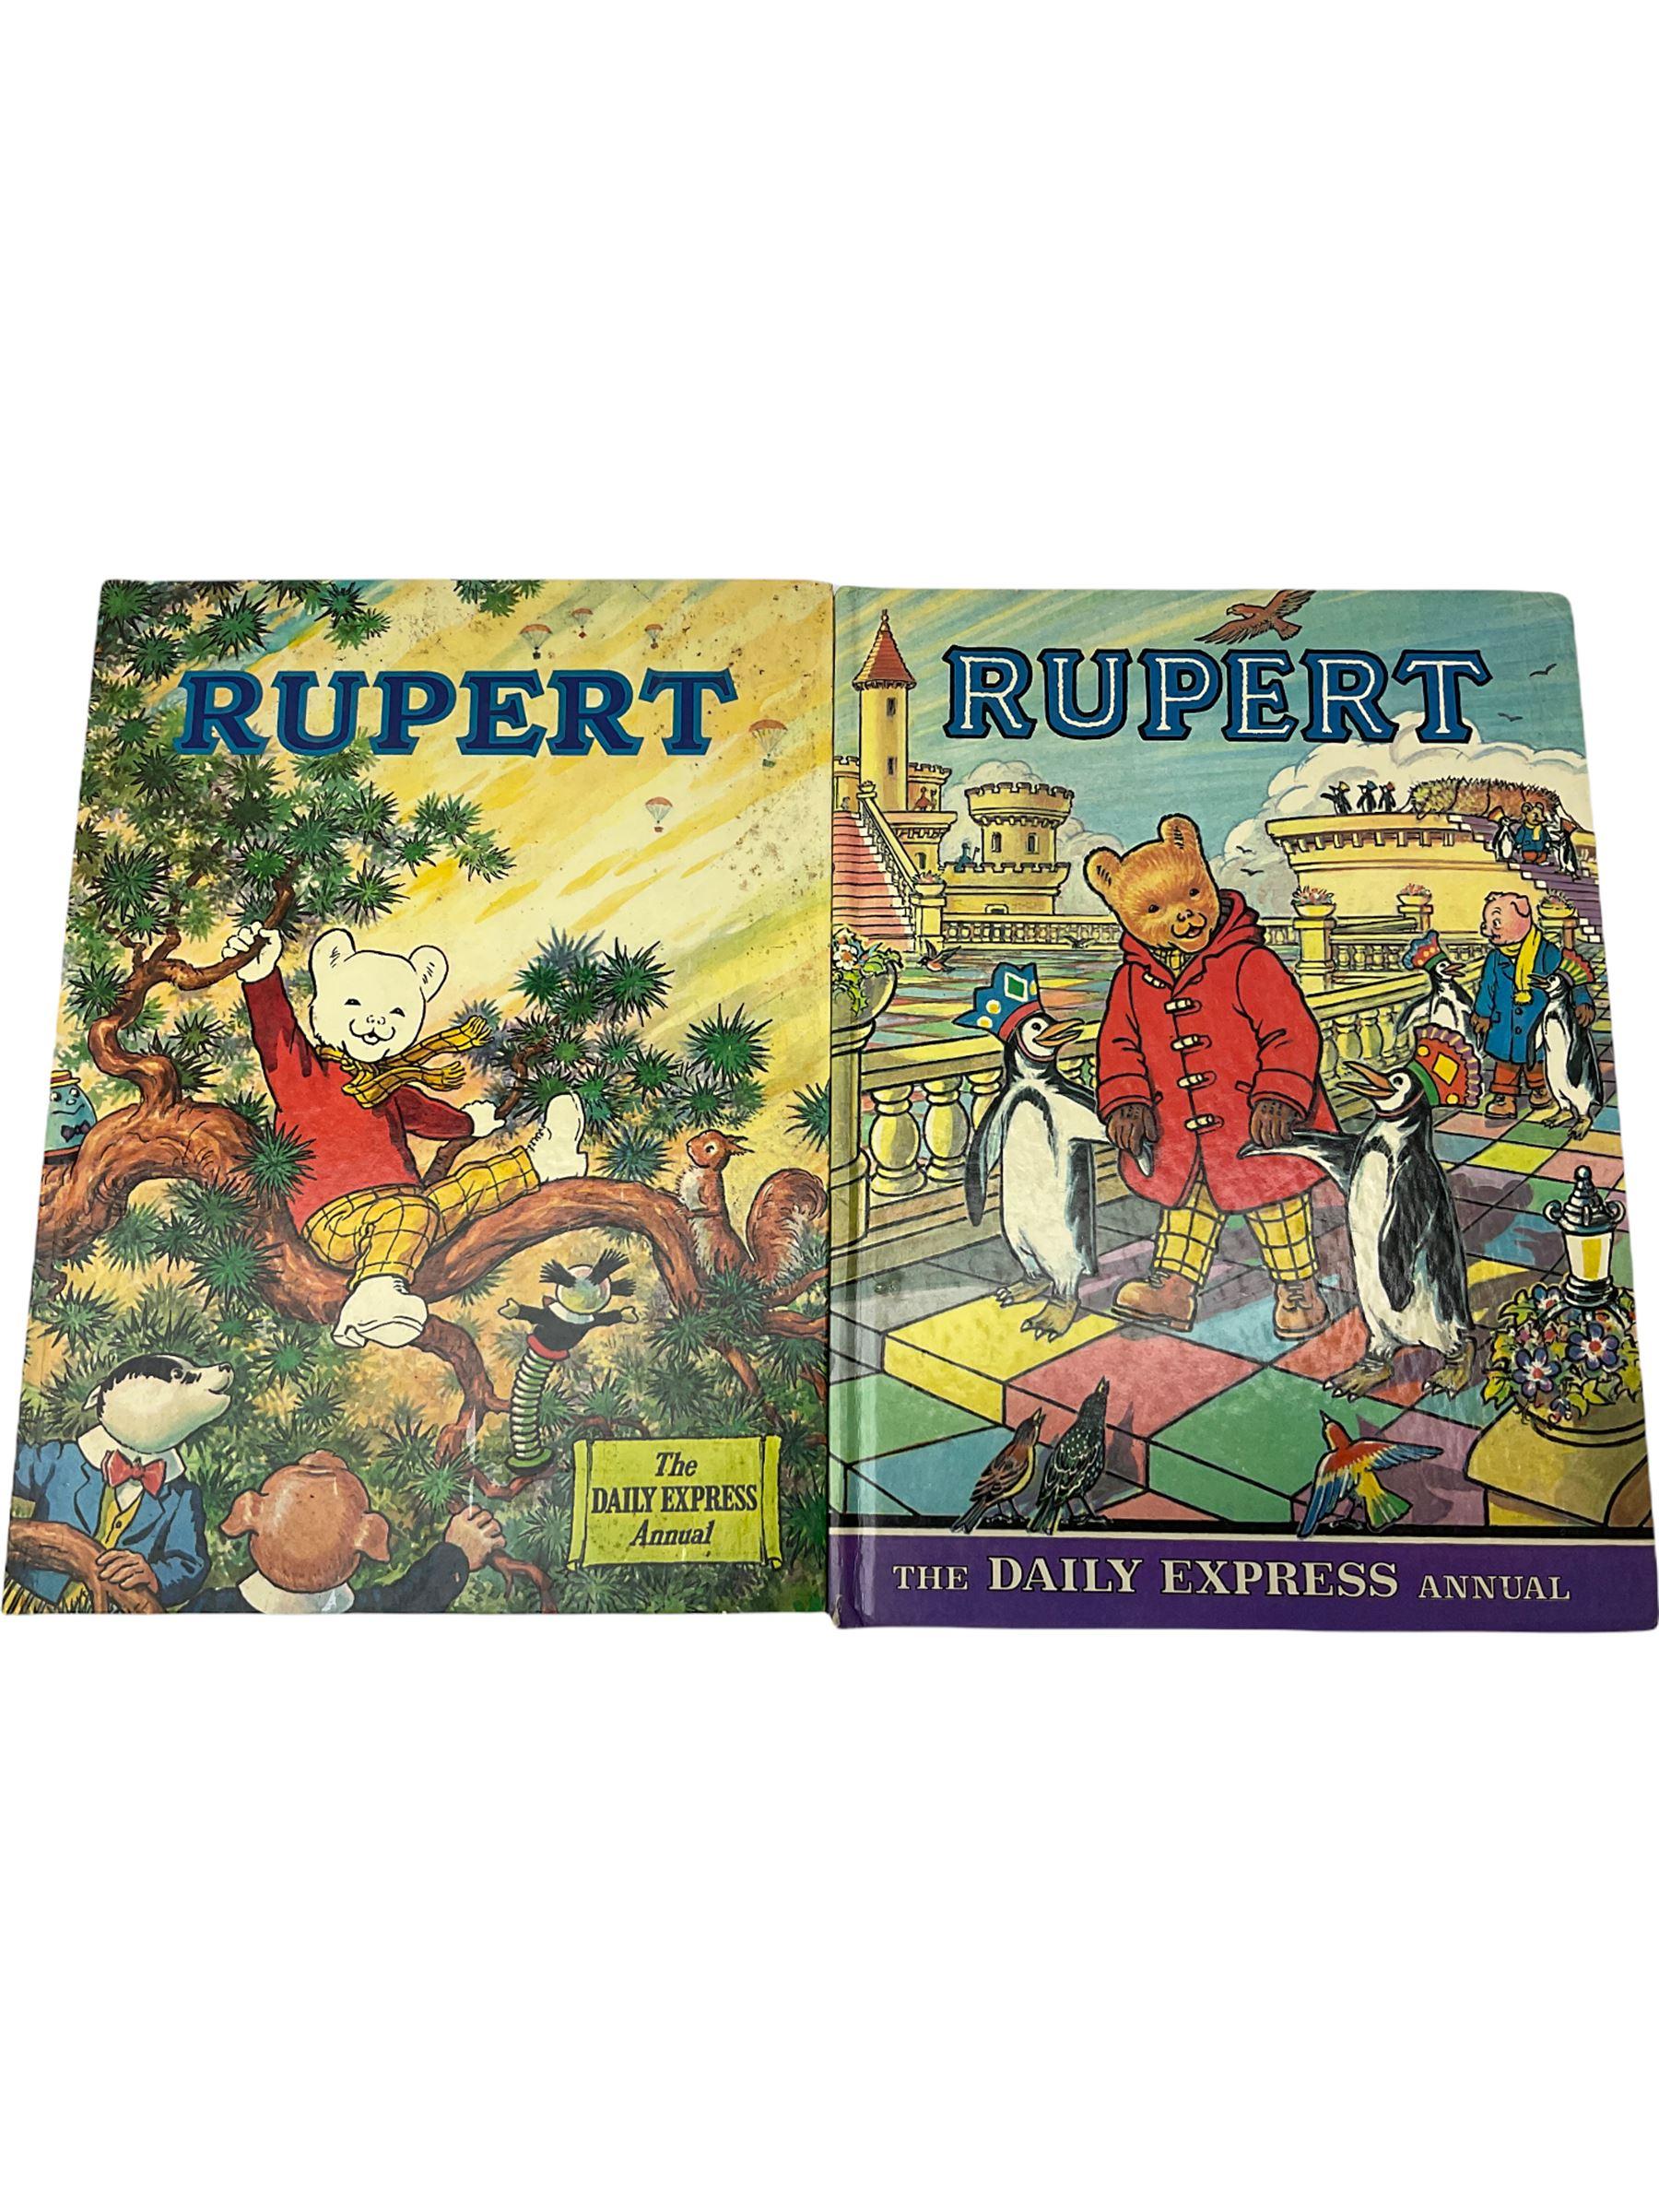 Rupert Bear - More Adventures of Rupert 1947 and The Rupert Book 1948 - Image 6 of 8